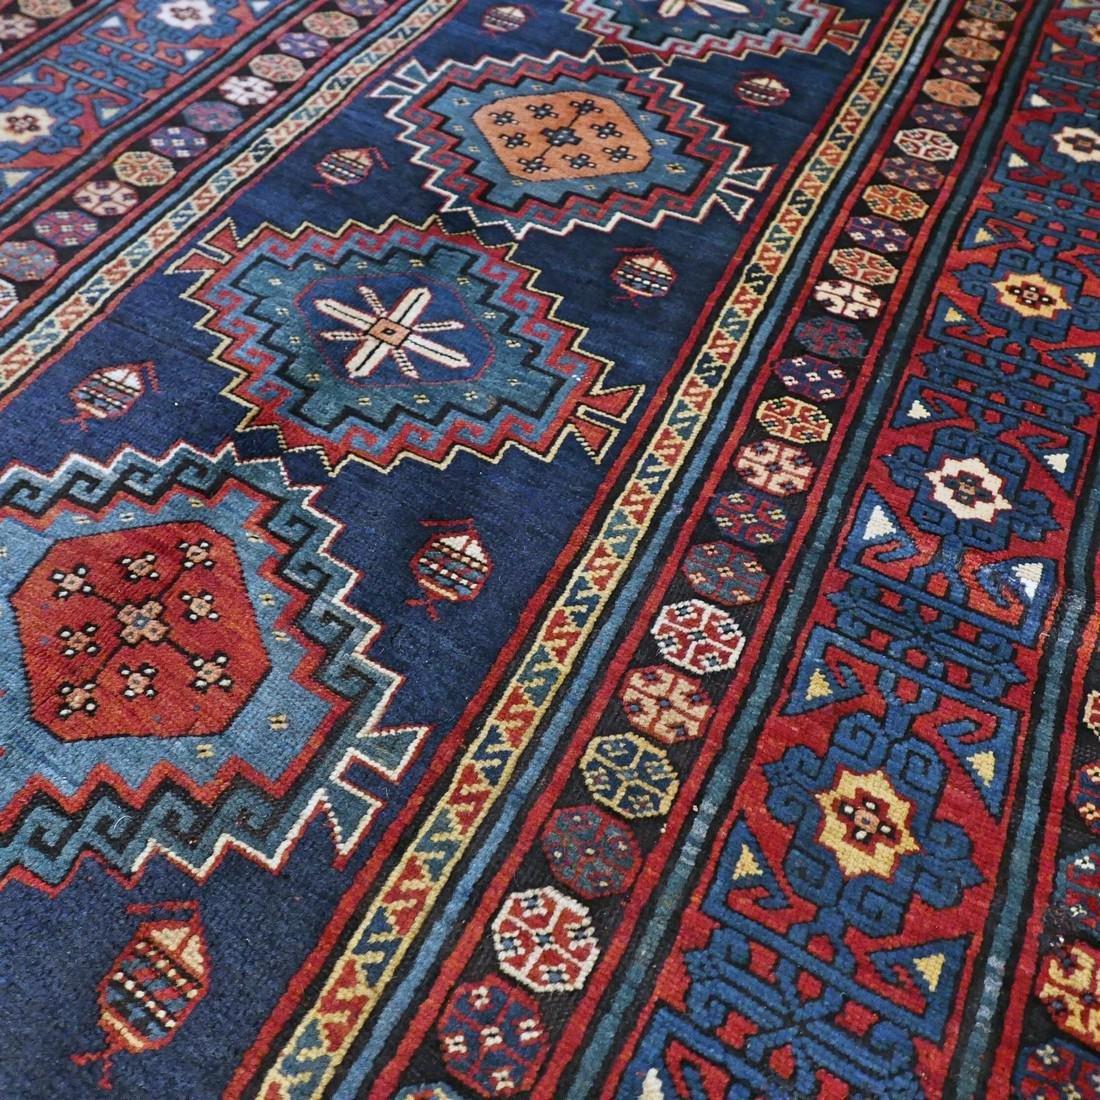 Antique 1800s Kazak rug - 9.5 x 4.3 - 8